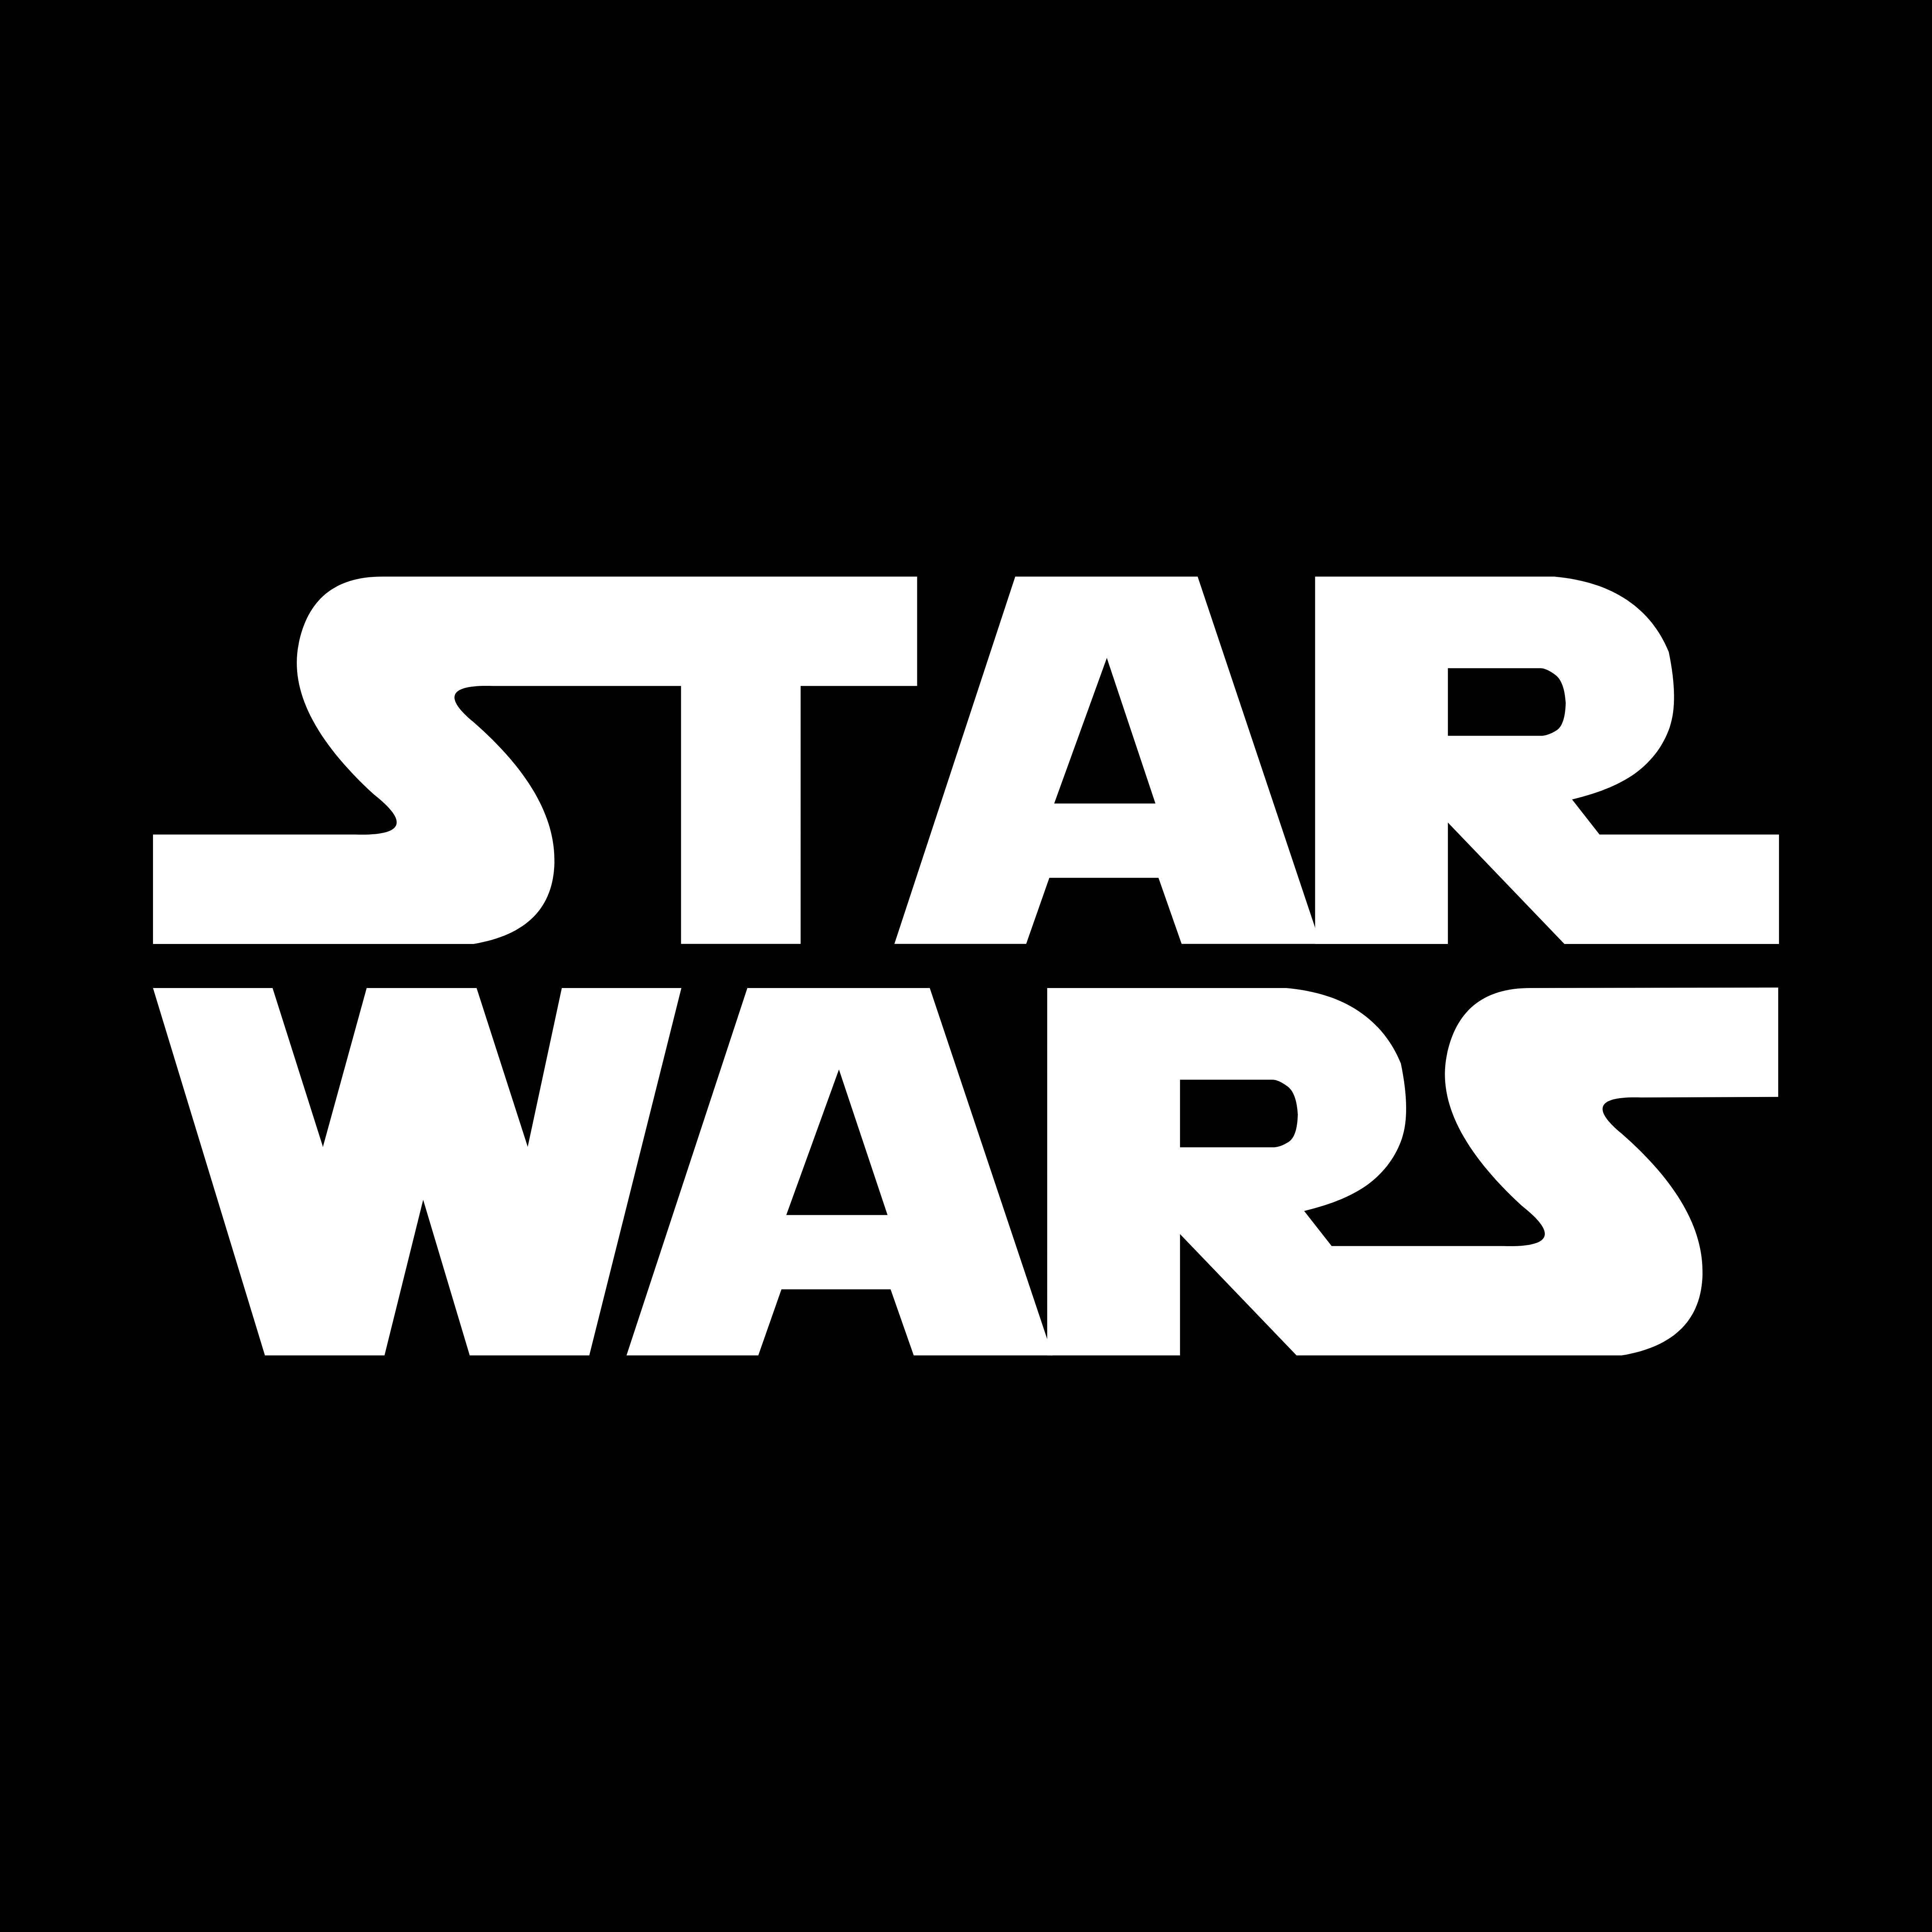 Star Wars - Logos Download